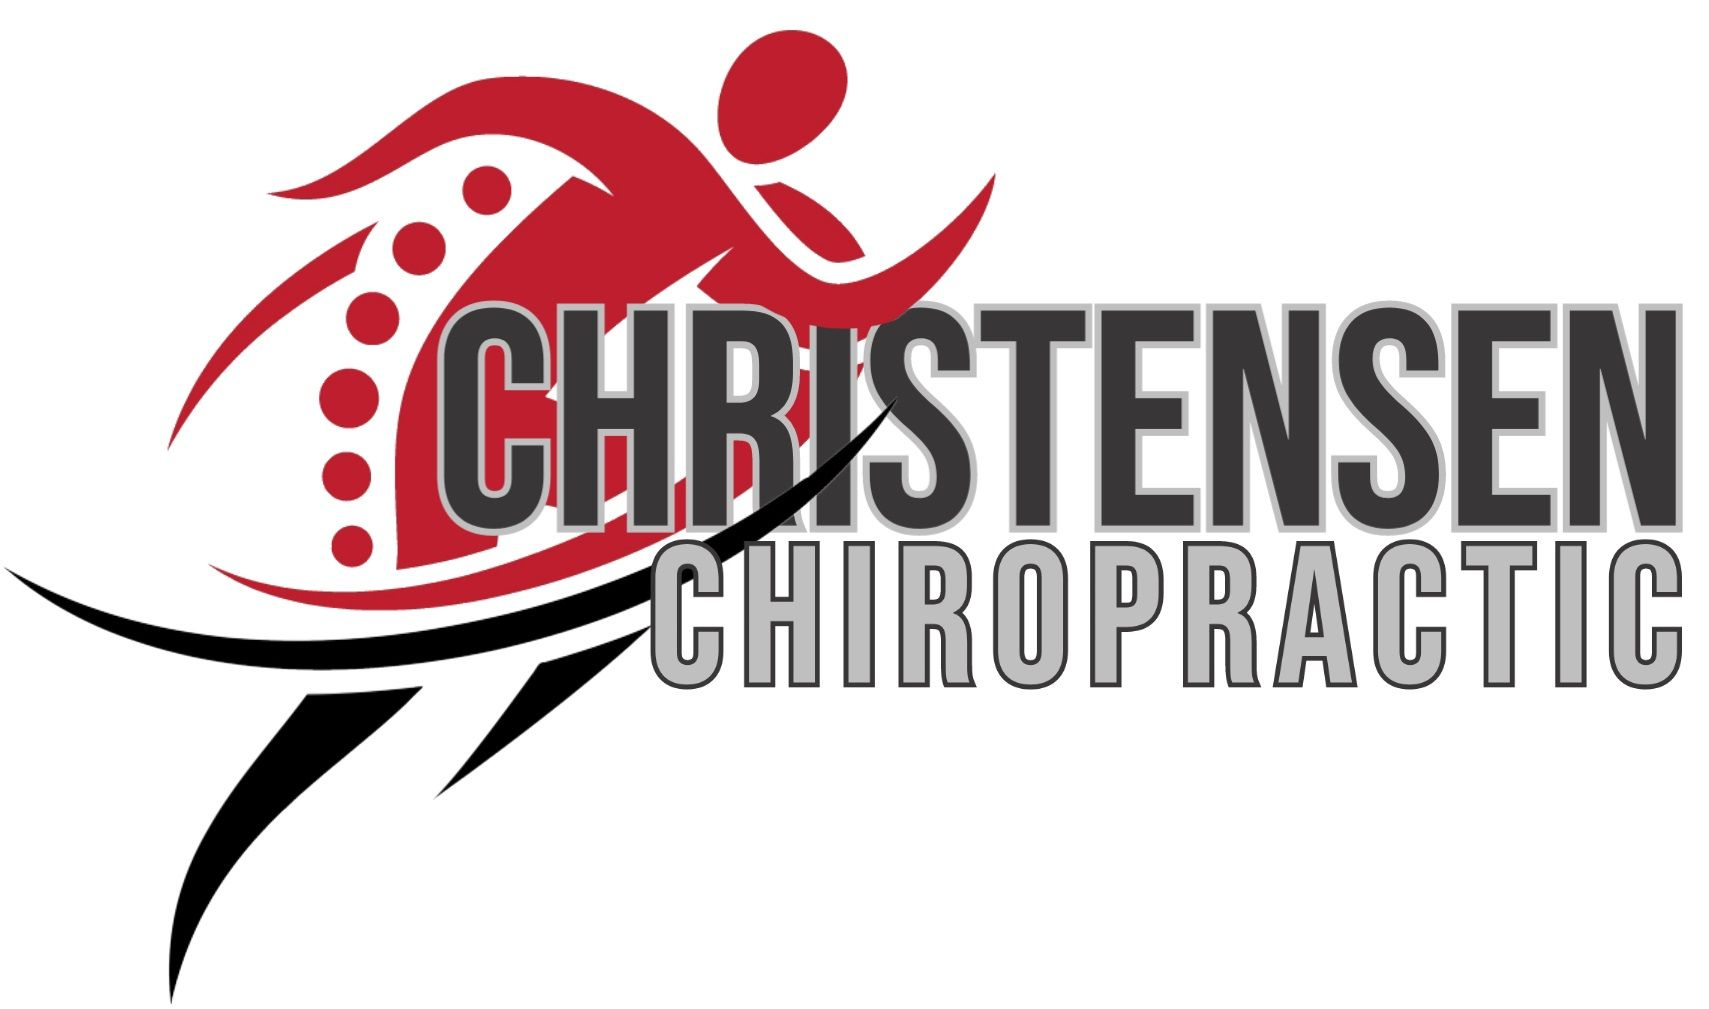 Christensen Chiropractic